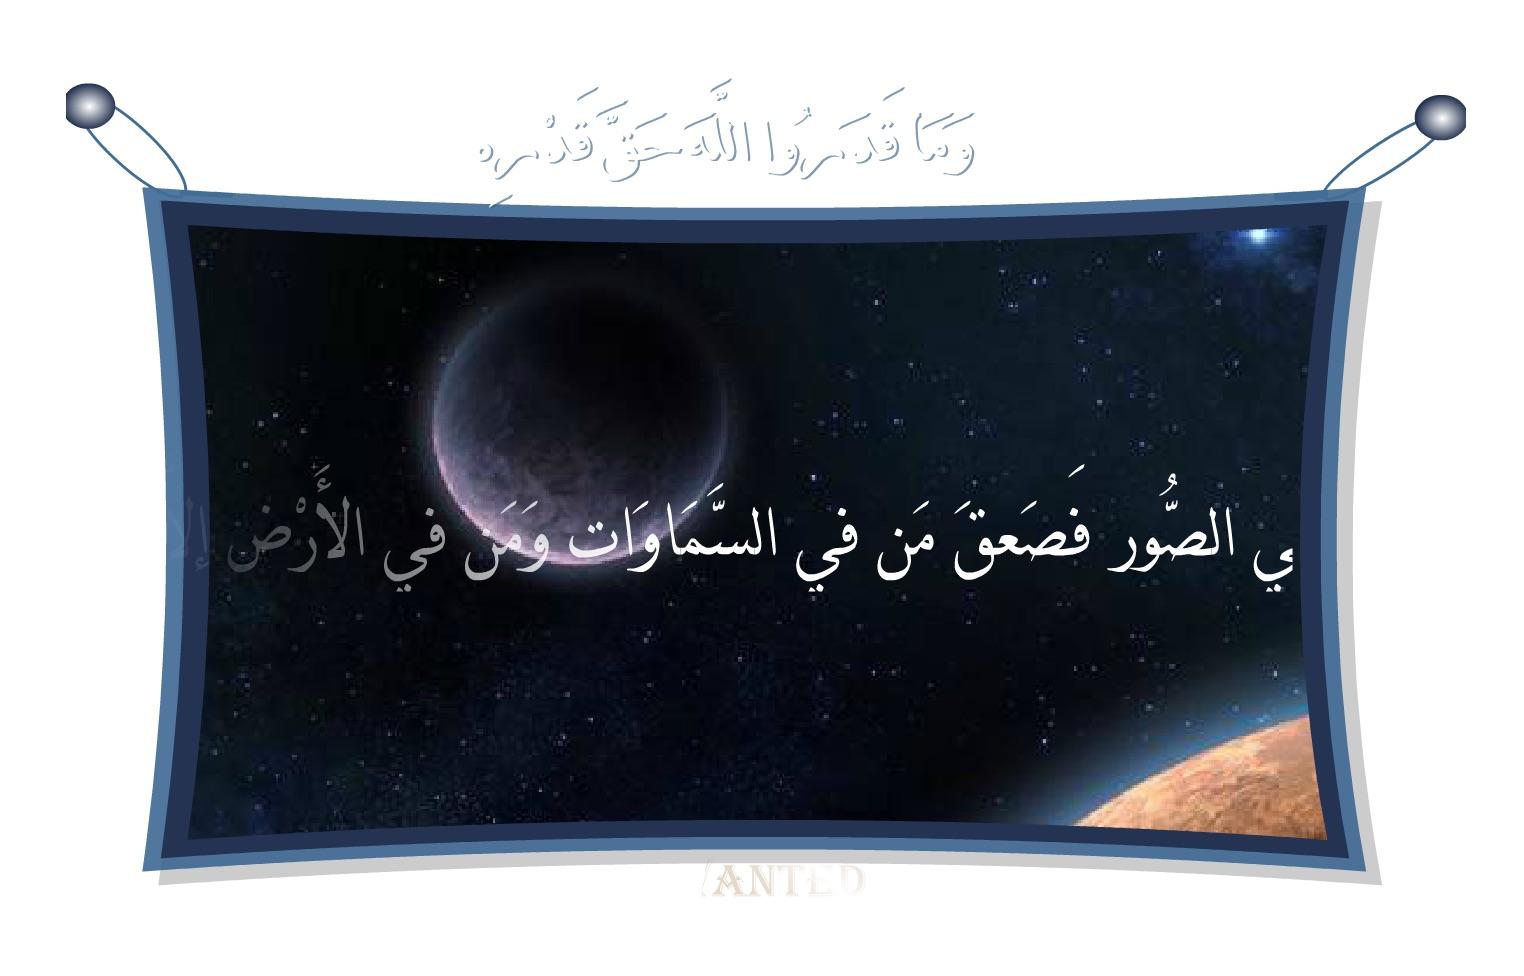 قراءة خاشعه - ماهر المعيقلي